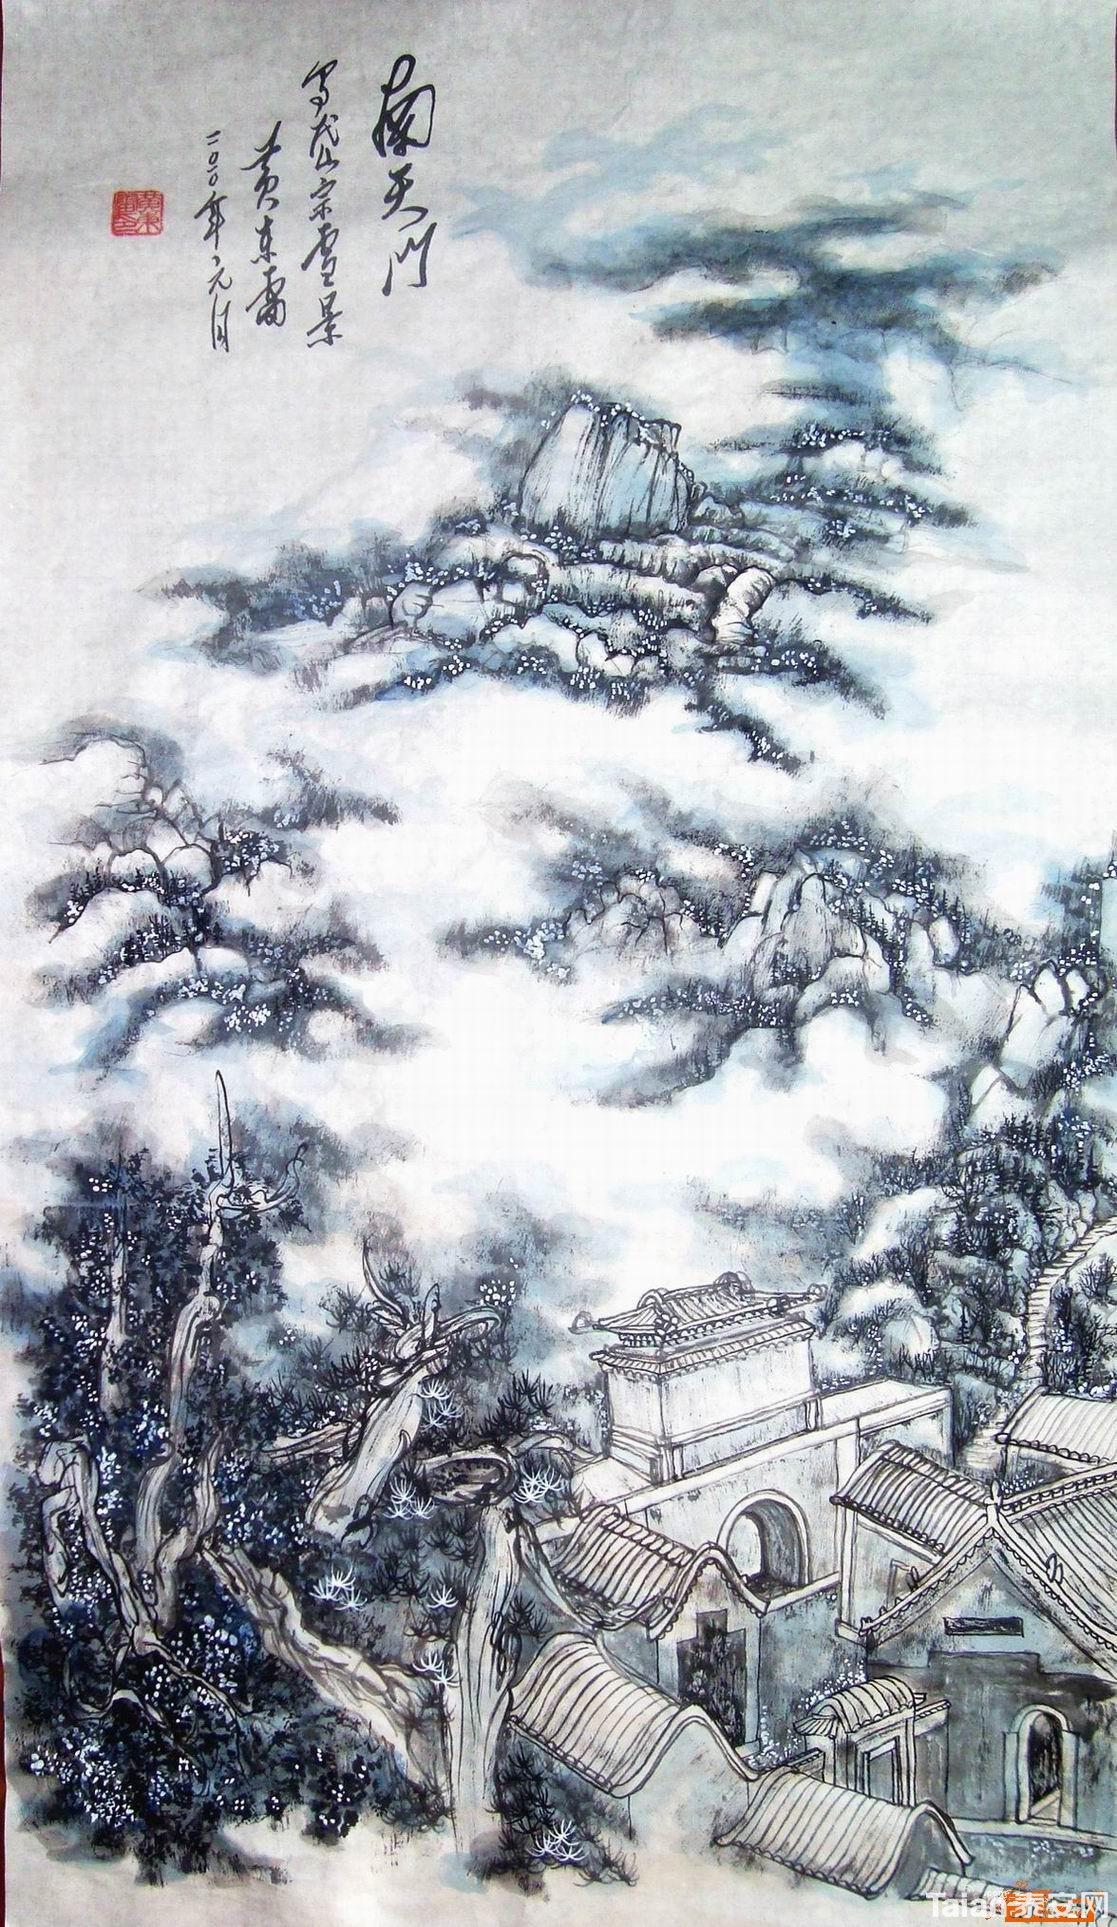 黄东雷 泰山国画2.jpg